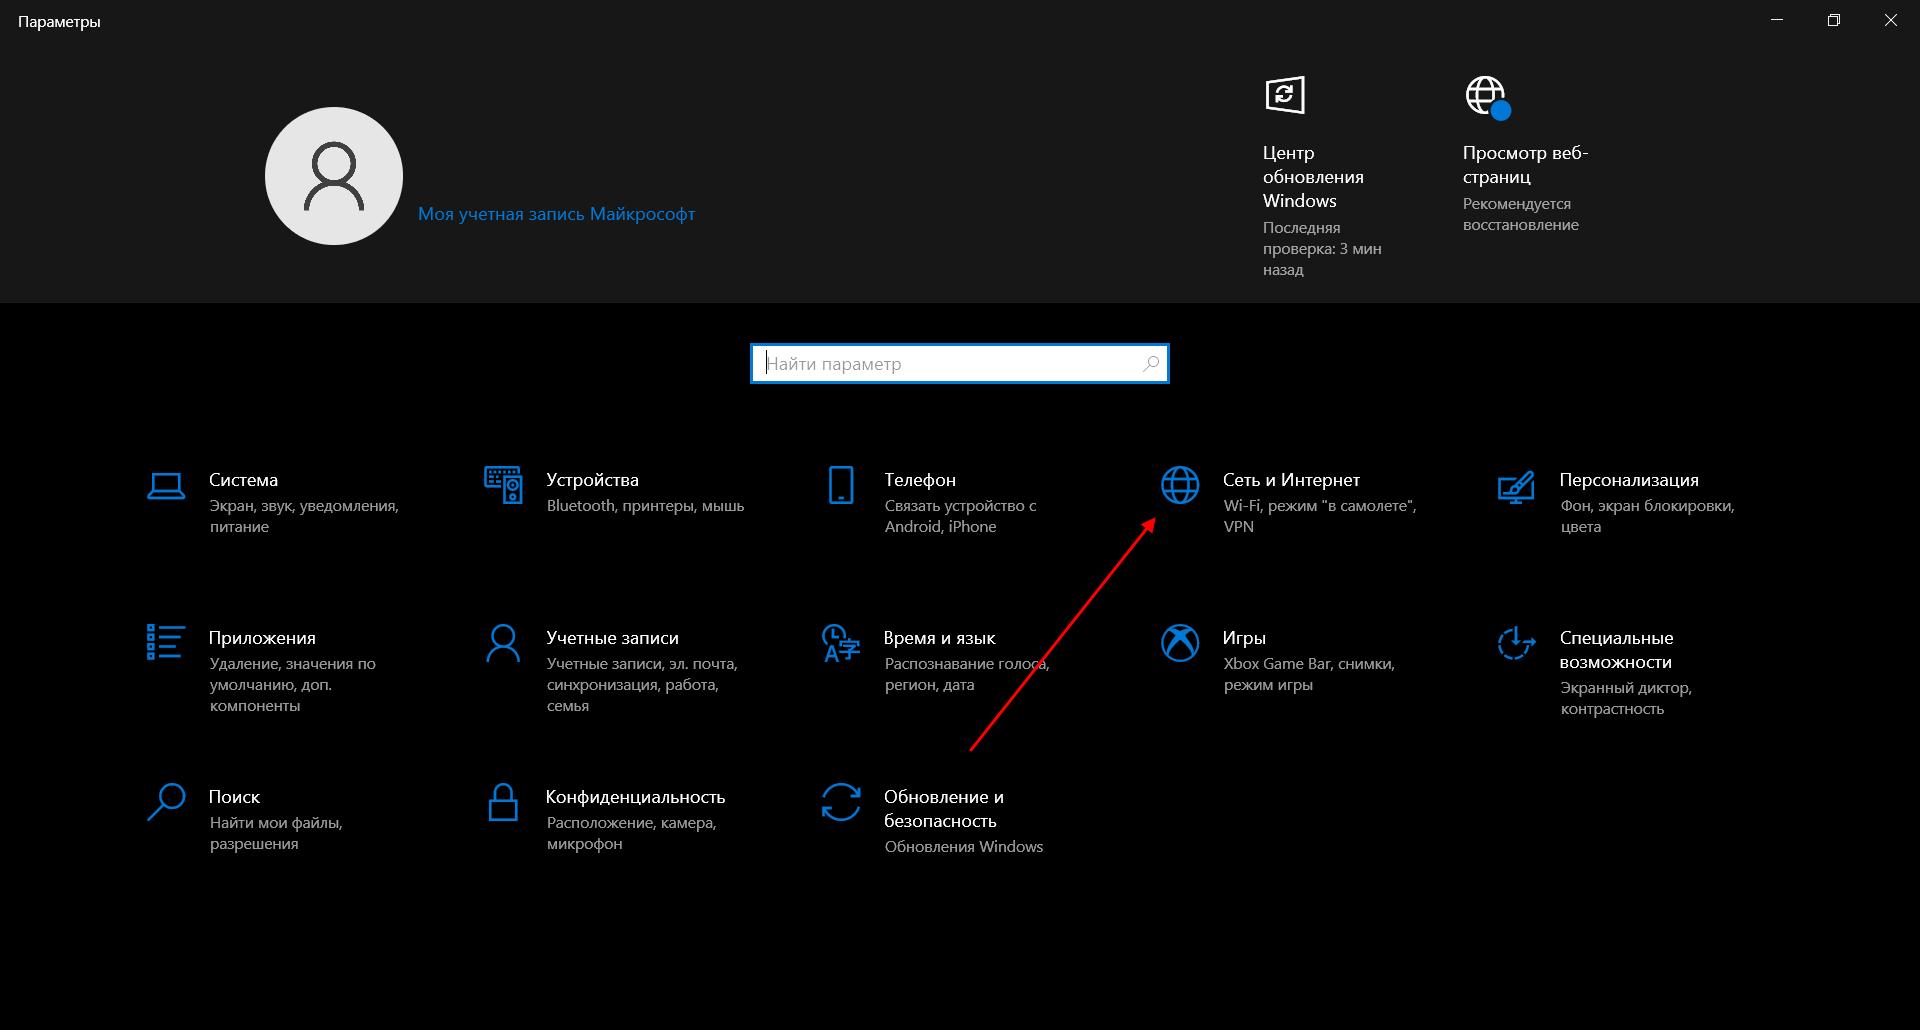 Как открыть настройки сети в Windows 10